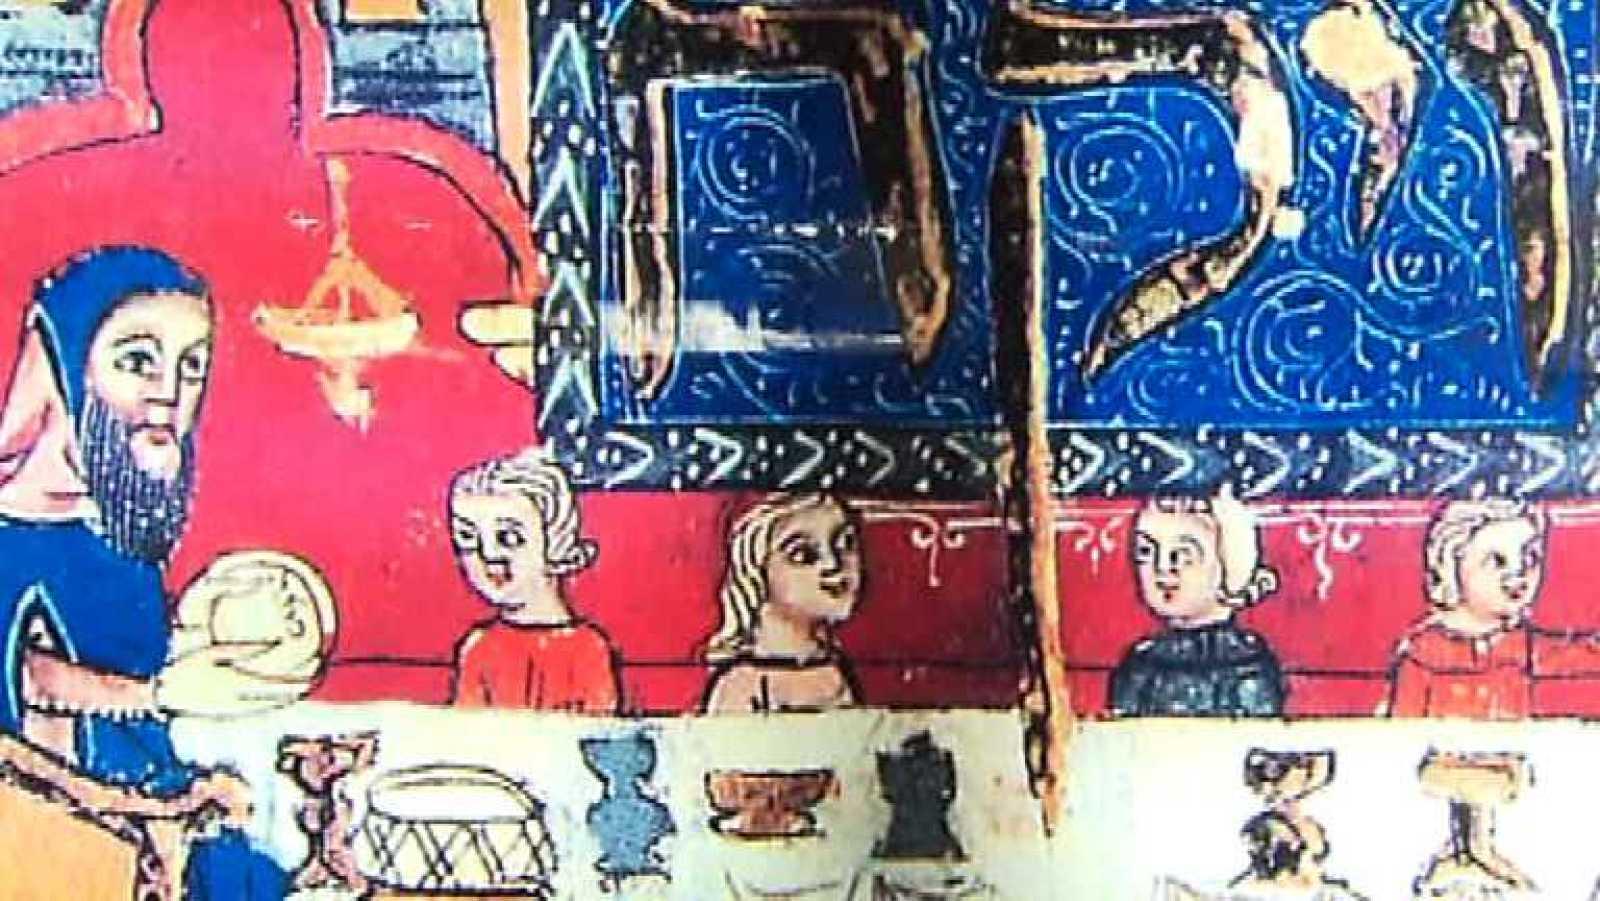 Shalom - La judería de Girona nos abre sus puertas - Ver ahora